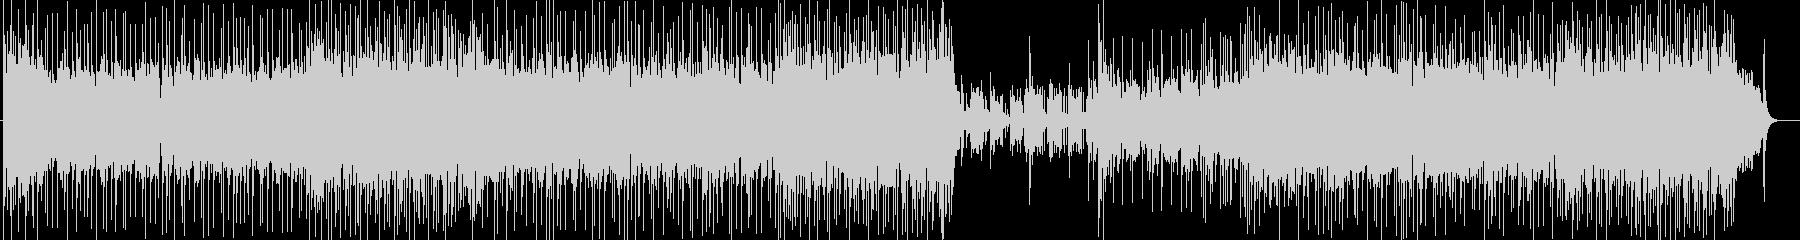 きらびやかでアダルトな70's洋楽ソウルの未再生の波形